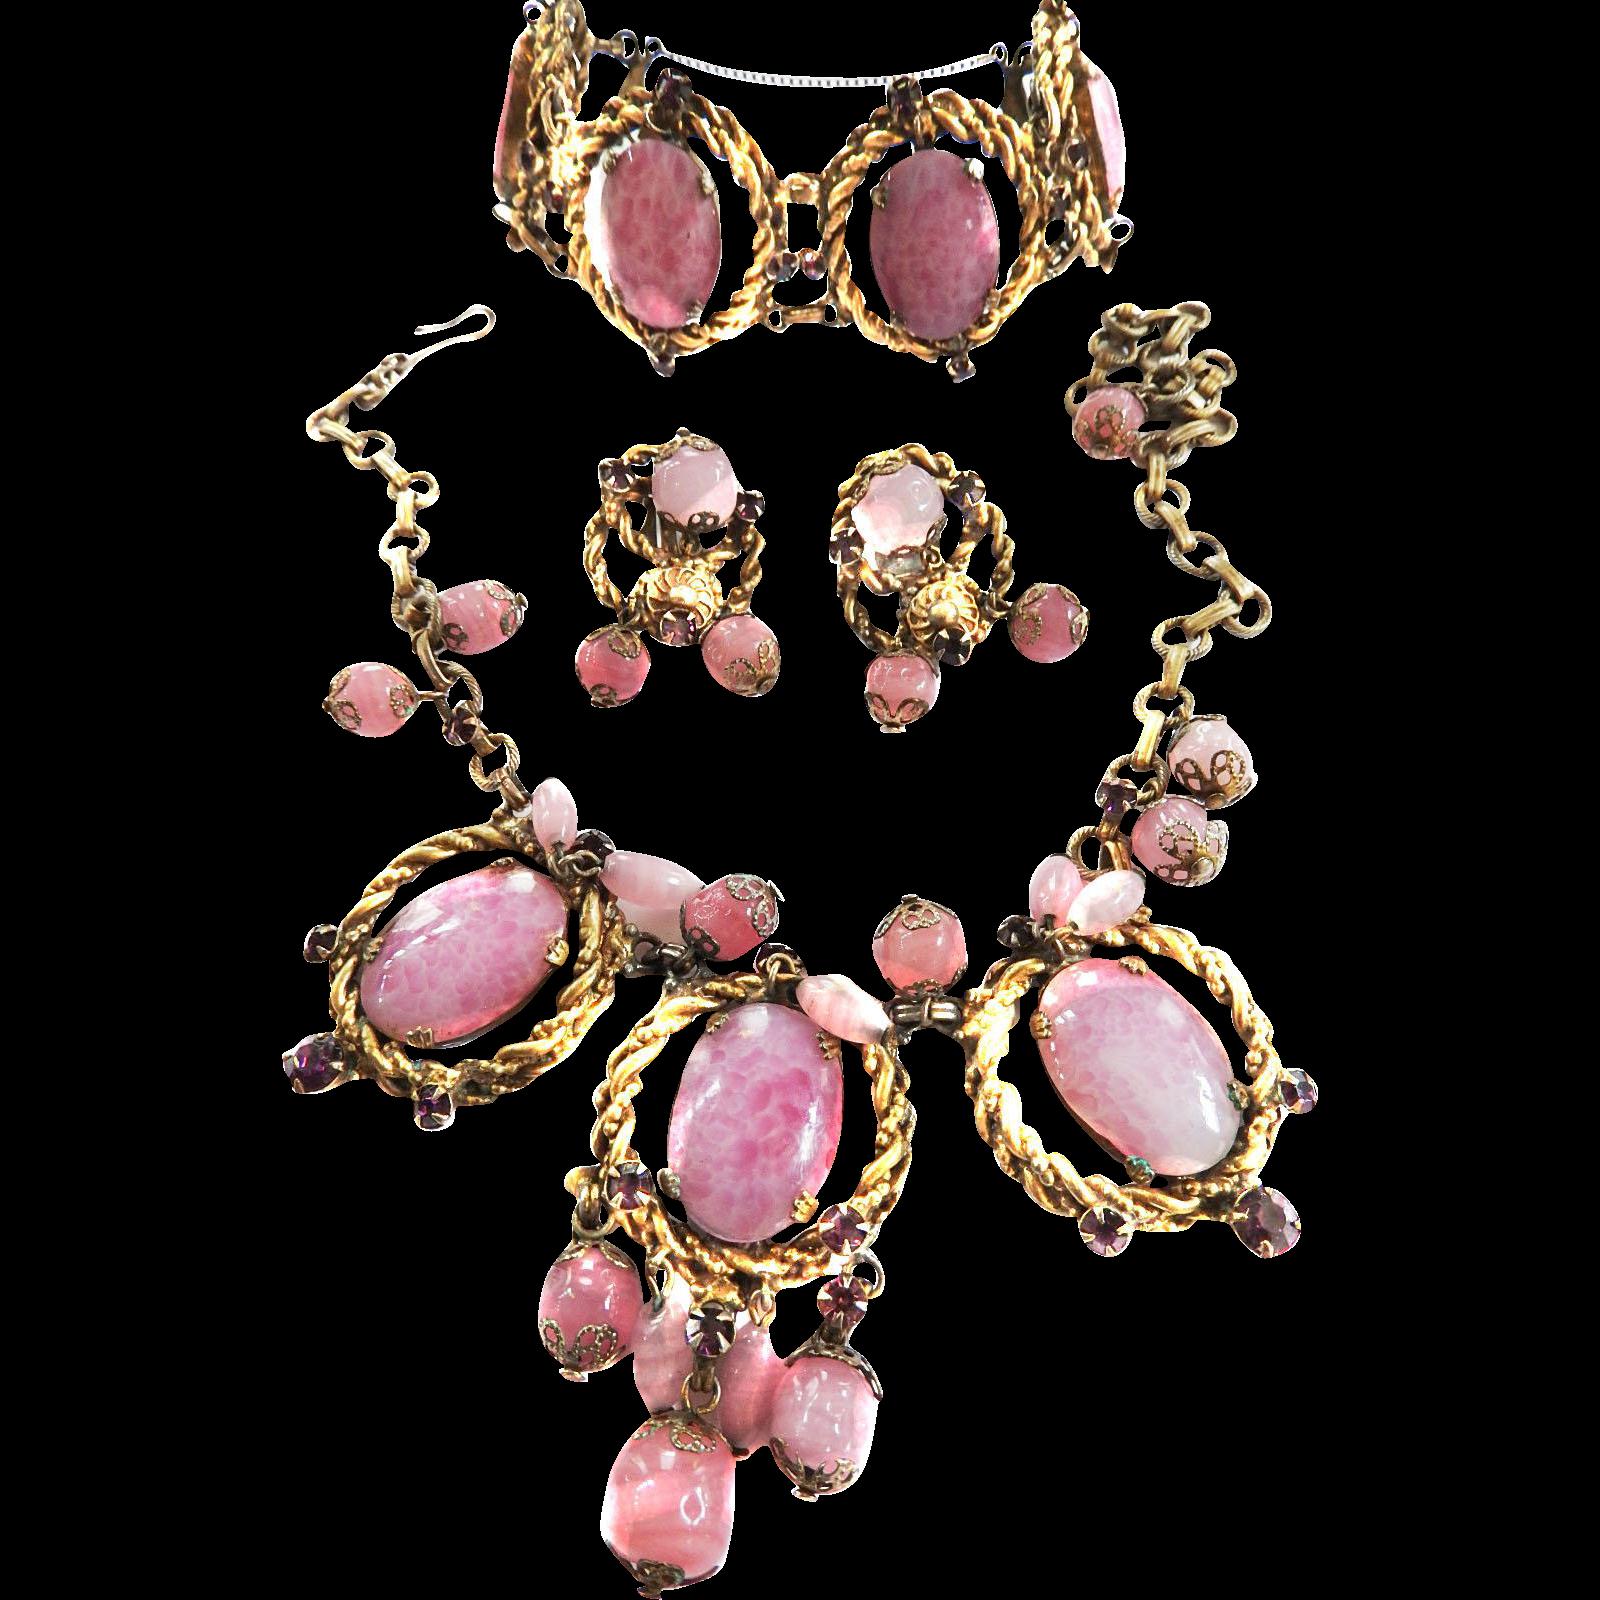 Pretty in Pink 1940s Art Glass Necklace Bracelet Earrings